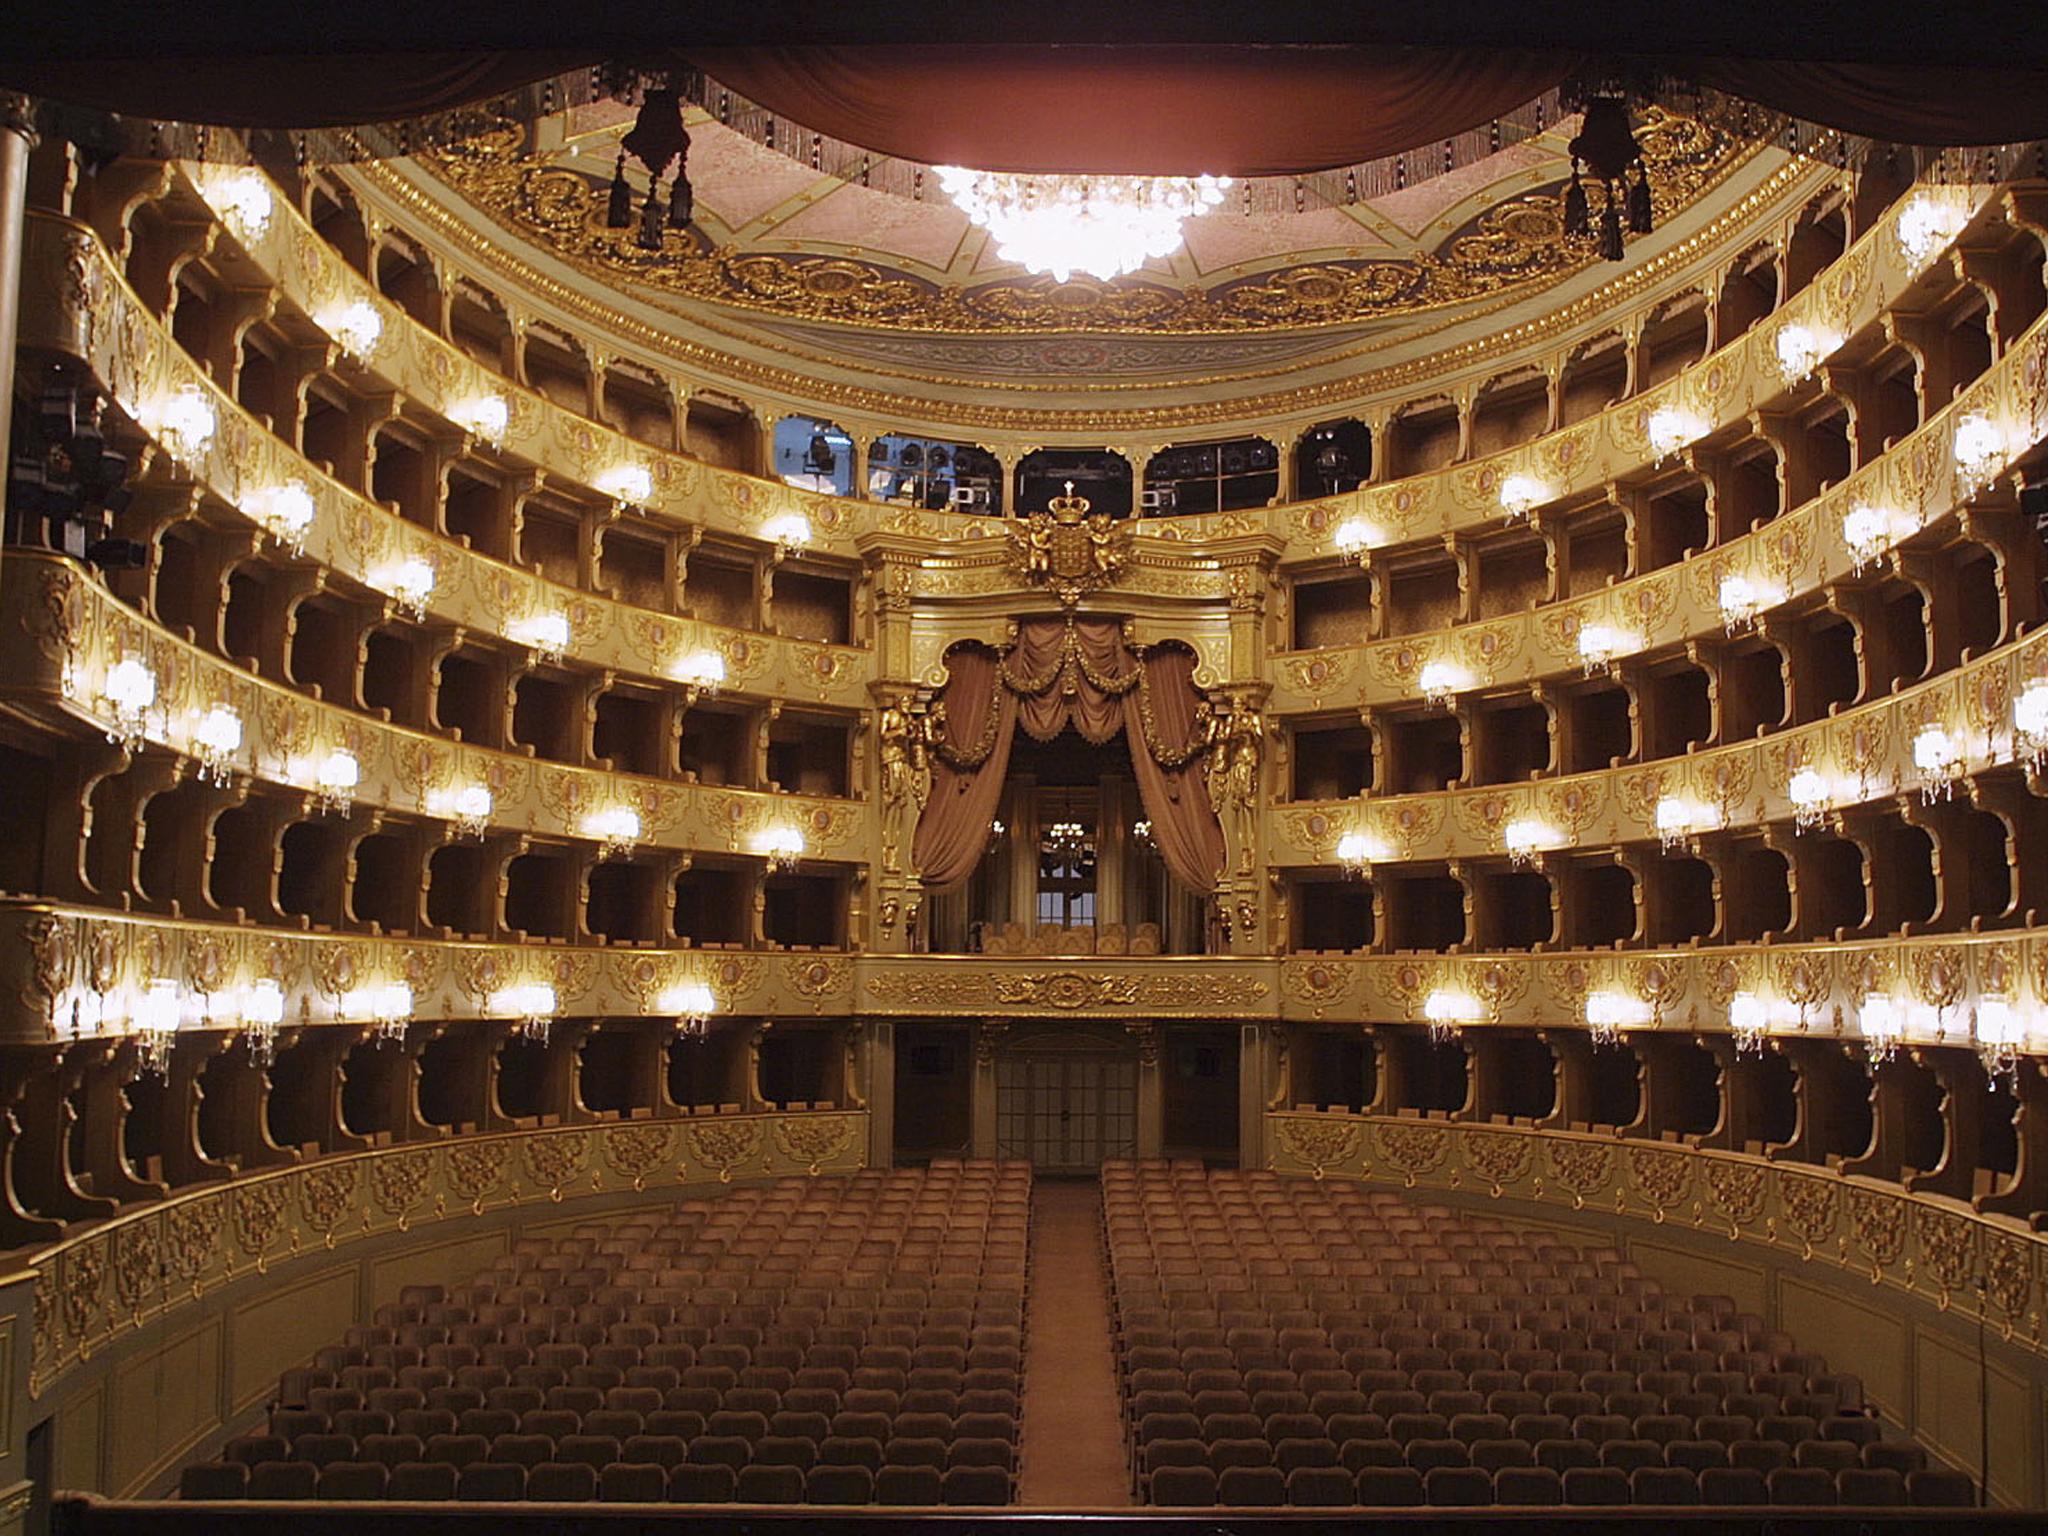 teatro nacional s carlos